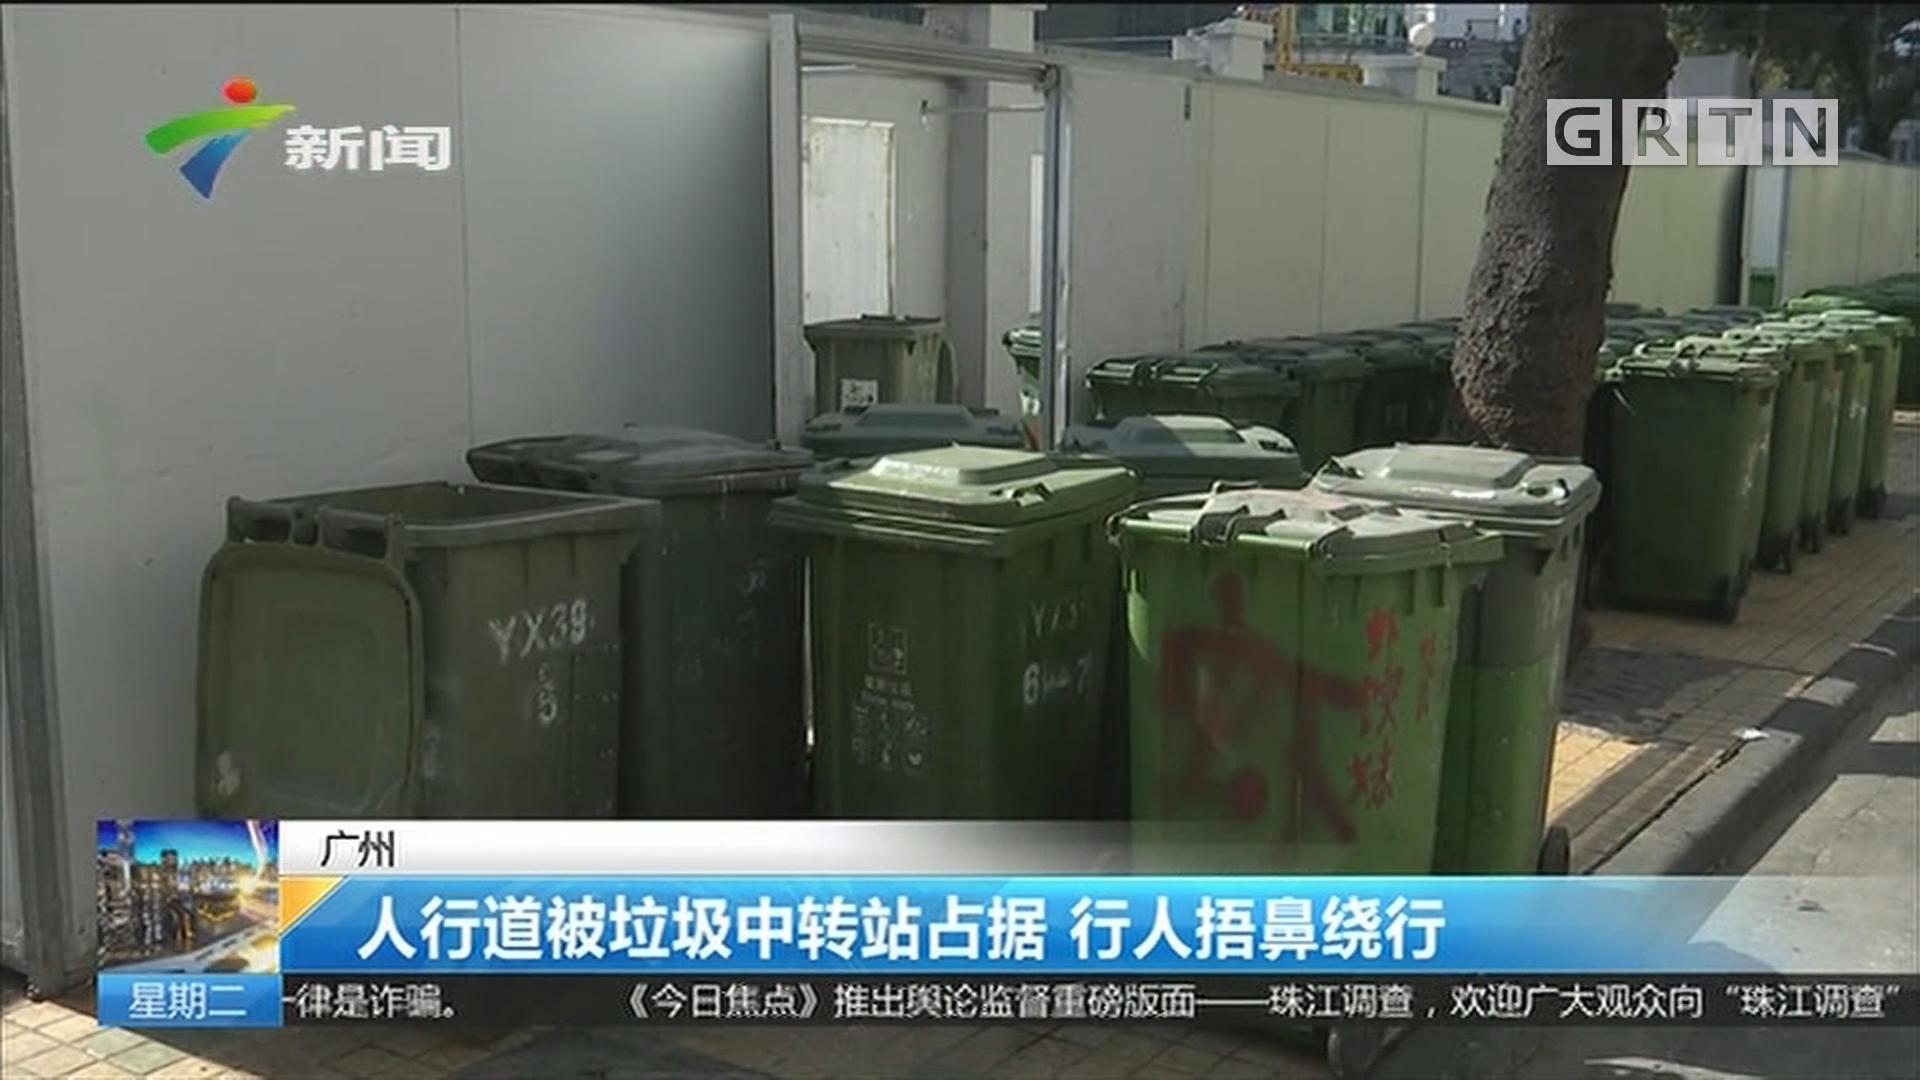 广州:人行道被垃圾中转站占据 行人捂鼻绕行